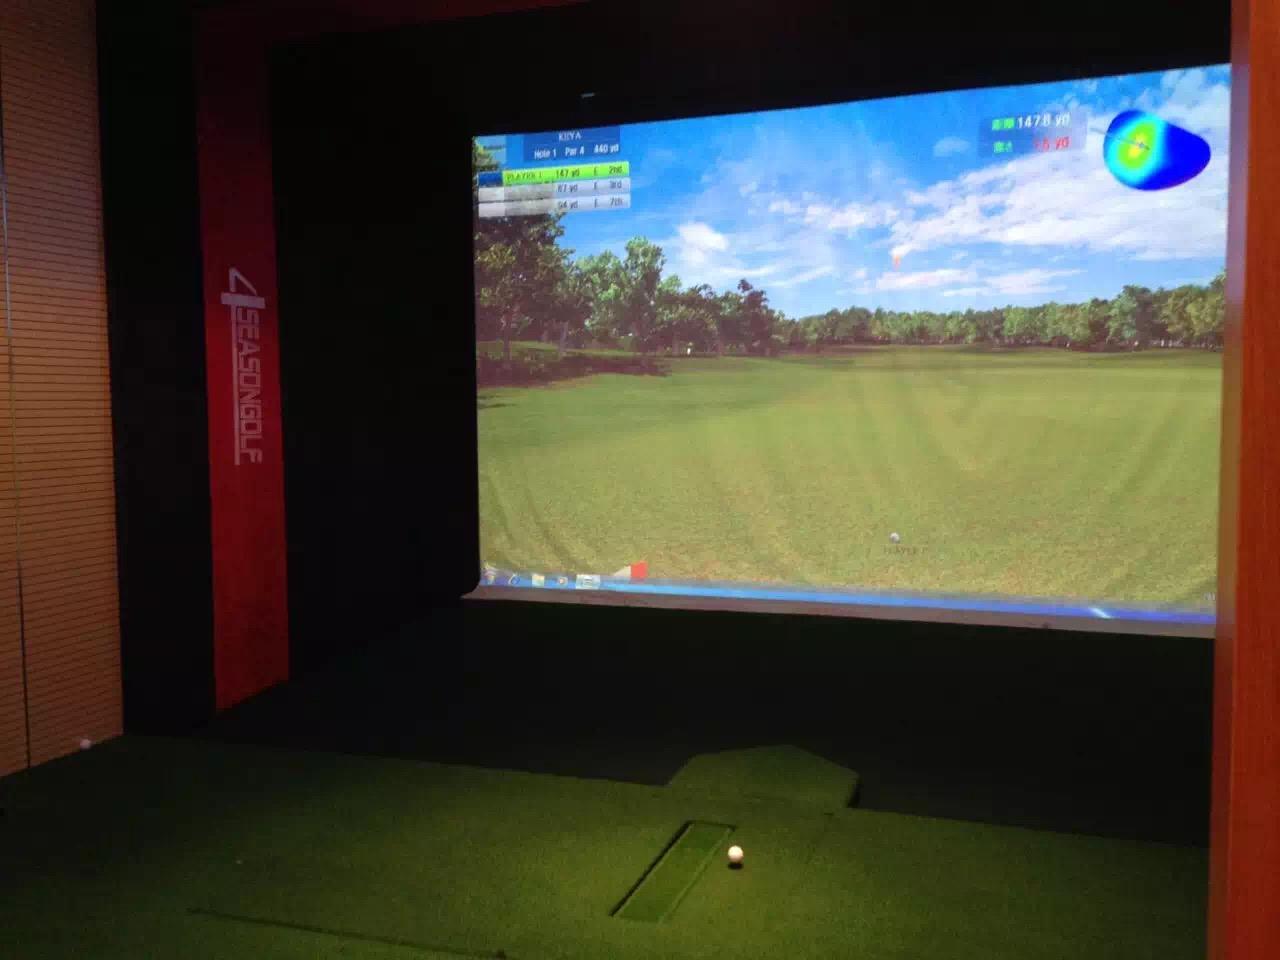 寒い春節期間は、室内ゴルフであったかラウンド!2017年ゴルフで過ごすチャイニーズ・ニュー・イヤー!